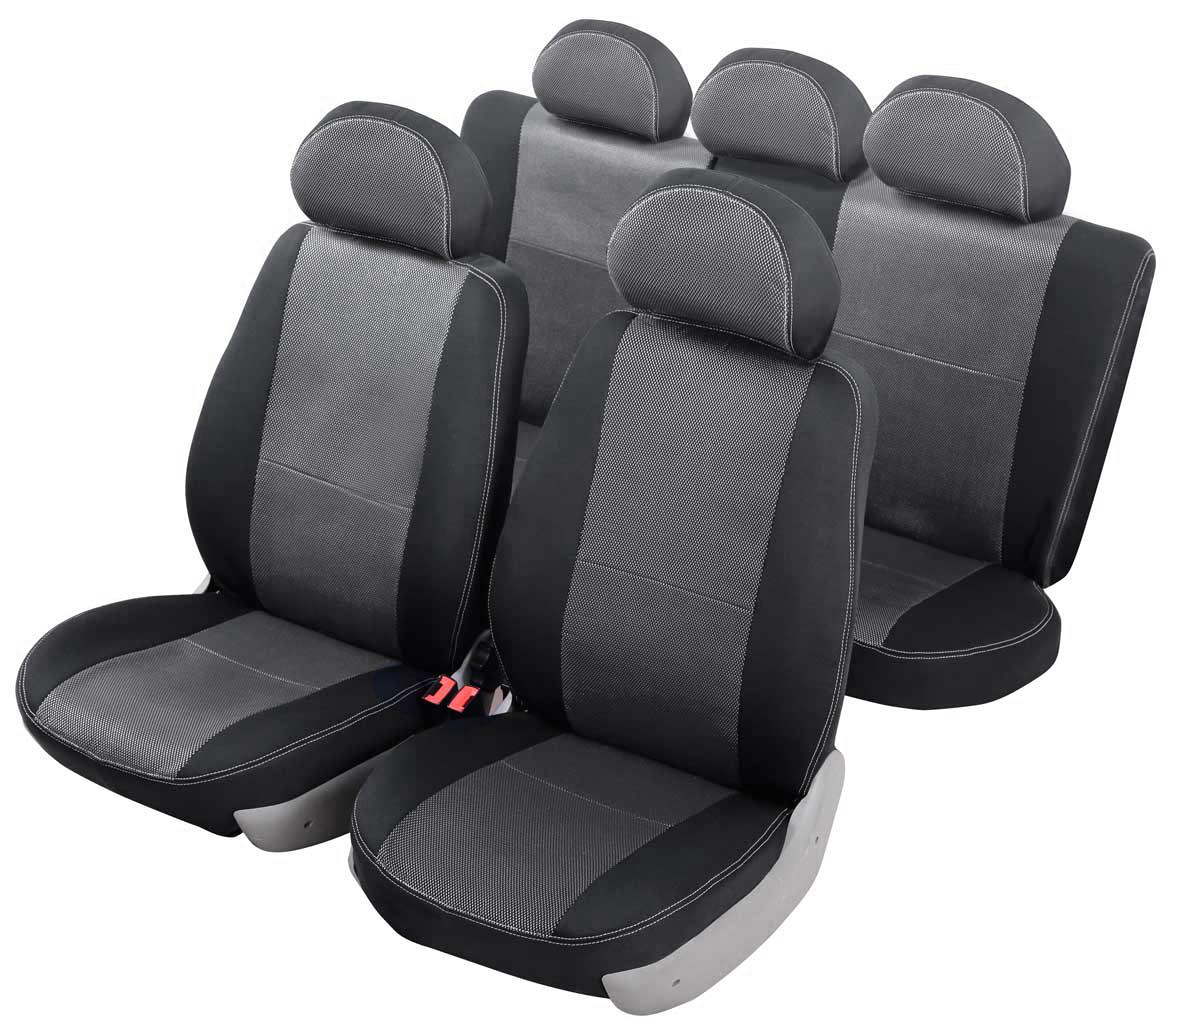 Чехол на автомобильное кресло Senator Dakkar LADA 1118 KALINA 2004-2011 сед., цвет: черныйS3010051Разработаны в РФ индивидуально для каждой модели автомобиля. Чехлы Senator Dakkar серийно выпускаются на собственном швейном производстве в России. Чехлы идеально повторяют штатную форму сидений и выглядят как оригинальная обивка сидений. Для простоты установки используется липучка Velcro, учтены все технологические отверстия. Чехлы сохраняют полную функциональность салона – трасформация сидений, возможность установки детских кресел ISOFIX, не препятствуют работе подушек безопасности AIRBAG и подогрева сидений. Дизайн чехлов Senator Dakkar приближен к оригинальной обивке салона. Чехлы имеют вставки из жаккарда по центру переднего сиденья и на подголовниках. Декоративная контрастная прострочка по периметру авточехлов придает стильный и изысканный внешний вид интерьеру автомобиля. Чехлы Senator Dakkar изготовлены из сверхпрочного жаккарда, триплированного огнеупорным поролоном толщиной 3 мм, за счет чего чехол приобретает дополнительную мягкость. Подложка из спандбонда сохраняет...